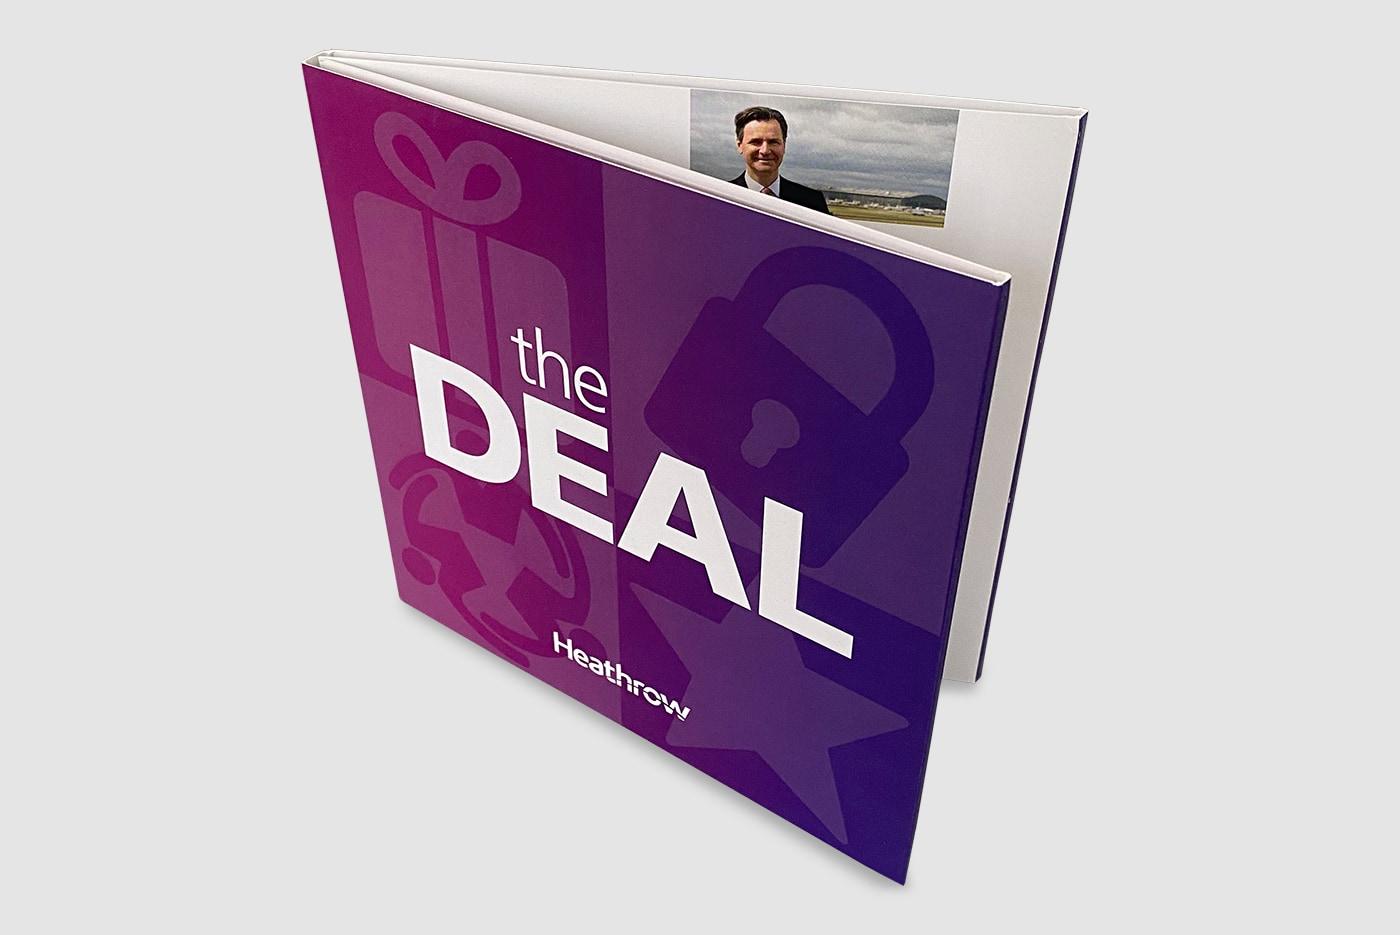 Heathrow The Deal